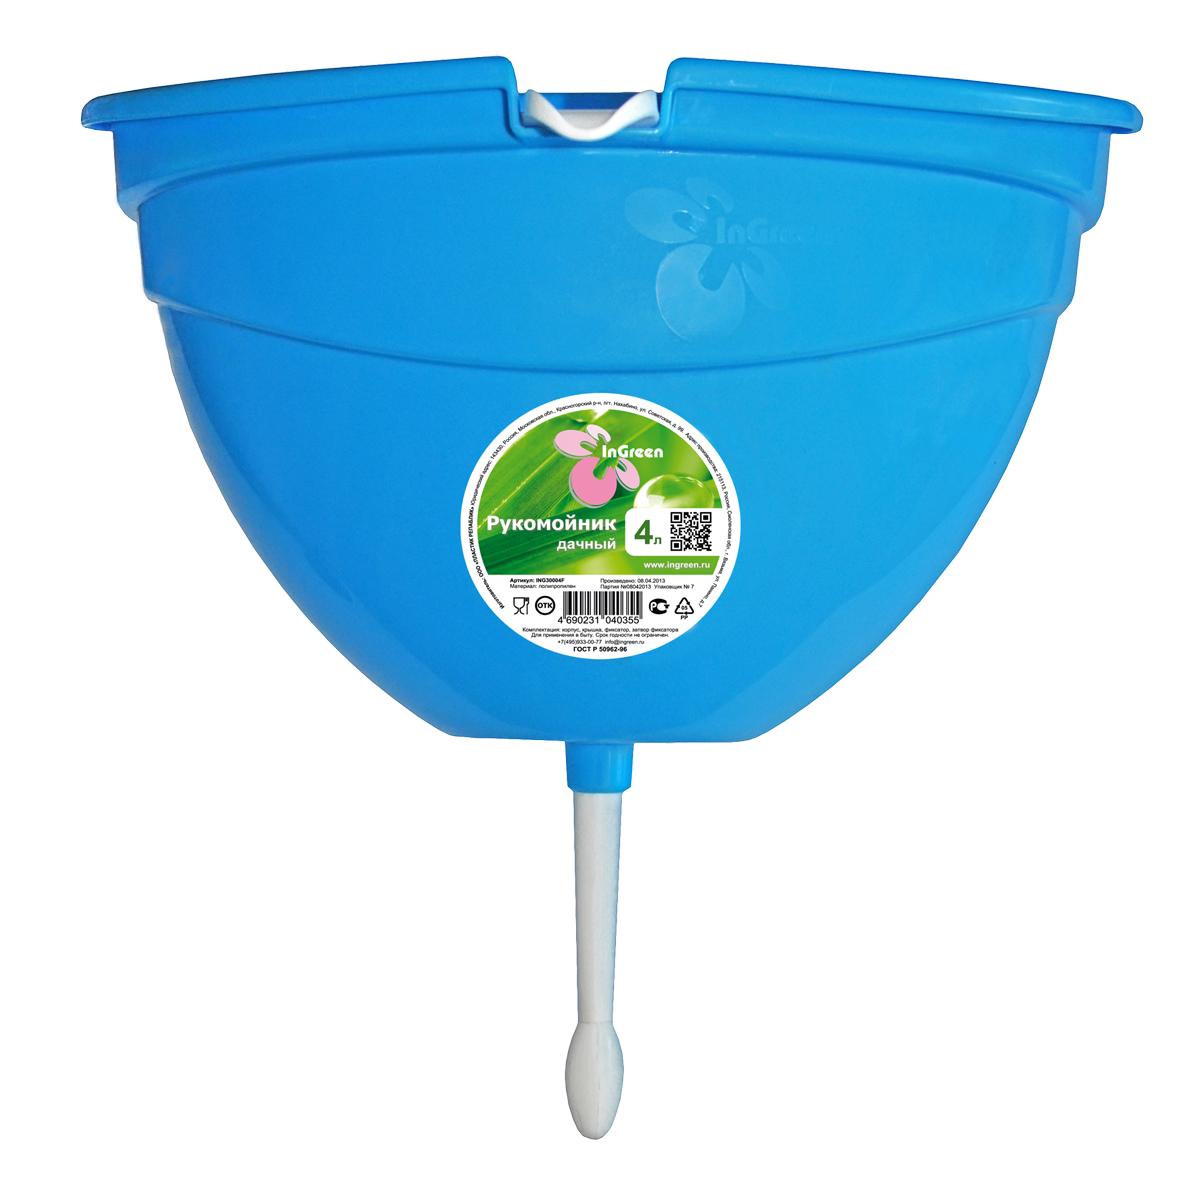 Рукомойник InGreen, цвет: синий, 4 лING30004FСНСовременный и стильный рукомойник InGreen предназначен для дачи. Выполнен из высококачественного пластика и выдерживает отрицательные температуры (до -25 градусов), что позволяет ему спокойно пережидать зиму на улице. Крышка рукомойника расположена под небольшим углом и имеет специальный носик для слива дождевой воды, а также рифленую поверхность для удобного расположения мыла. Затвор плотно прилегает ко дну рукомойника, что предотвращает протекания воды. Размер рукомойника: 31,5 х 24,5 х 37 см. Объем рукомойника: 4 л.